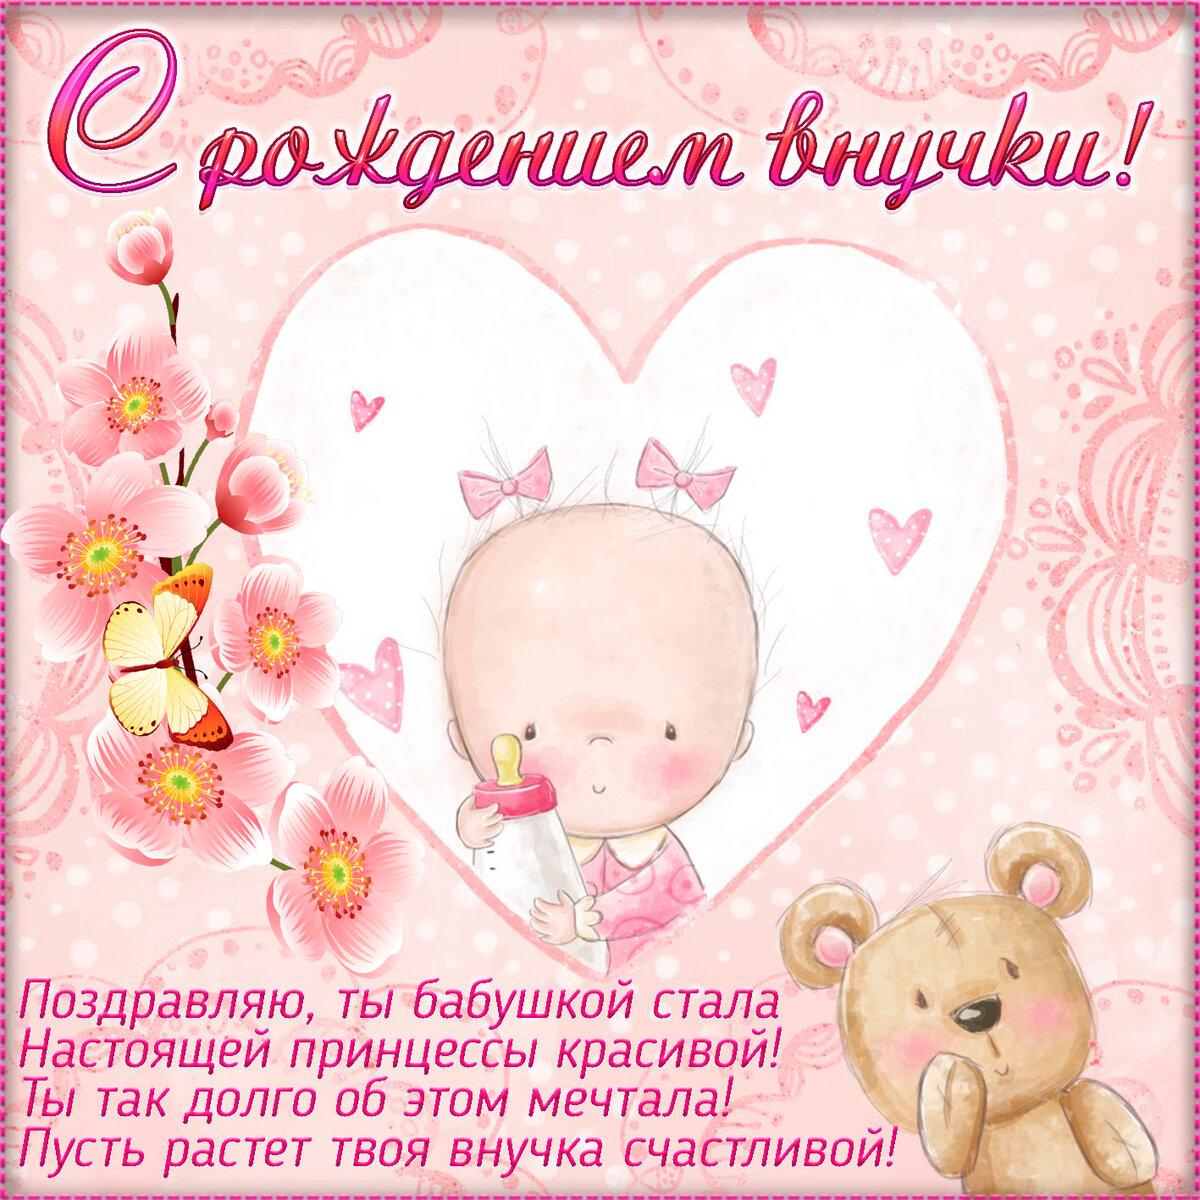 У меня родилась внучка открытки, день россии